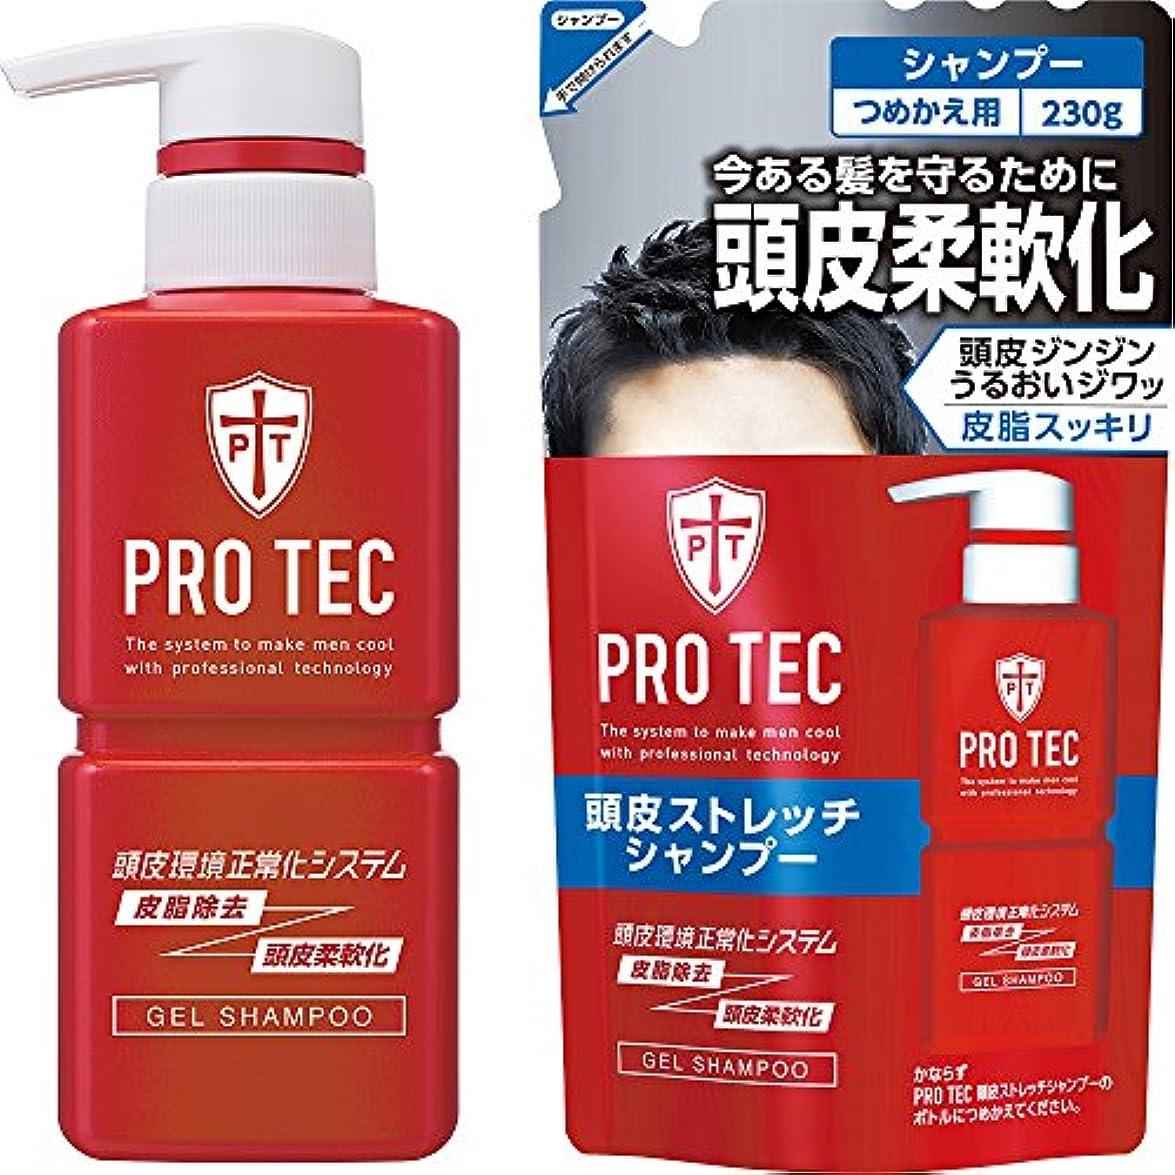 後ずるいネットPRO TEC(プロテク) 頭皮ストレッチシャンプー 本体ポンプ300g+詰め替え230g セット(医薬部外品)